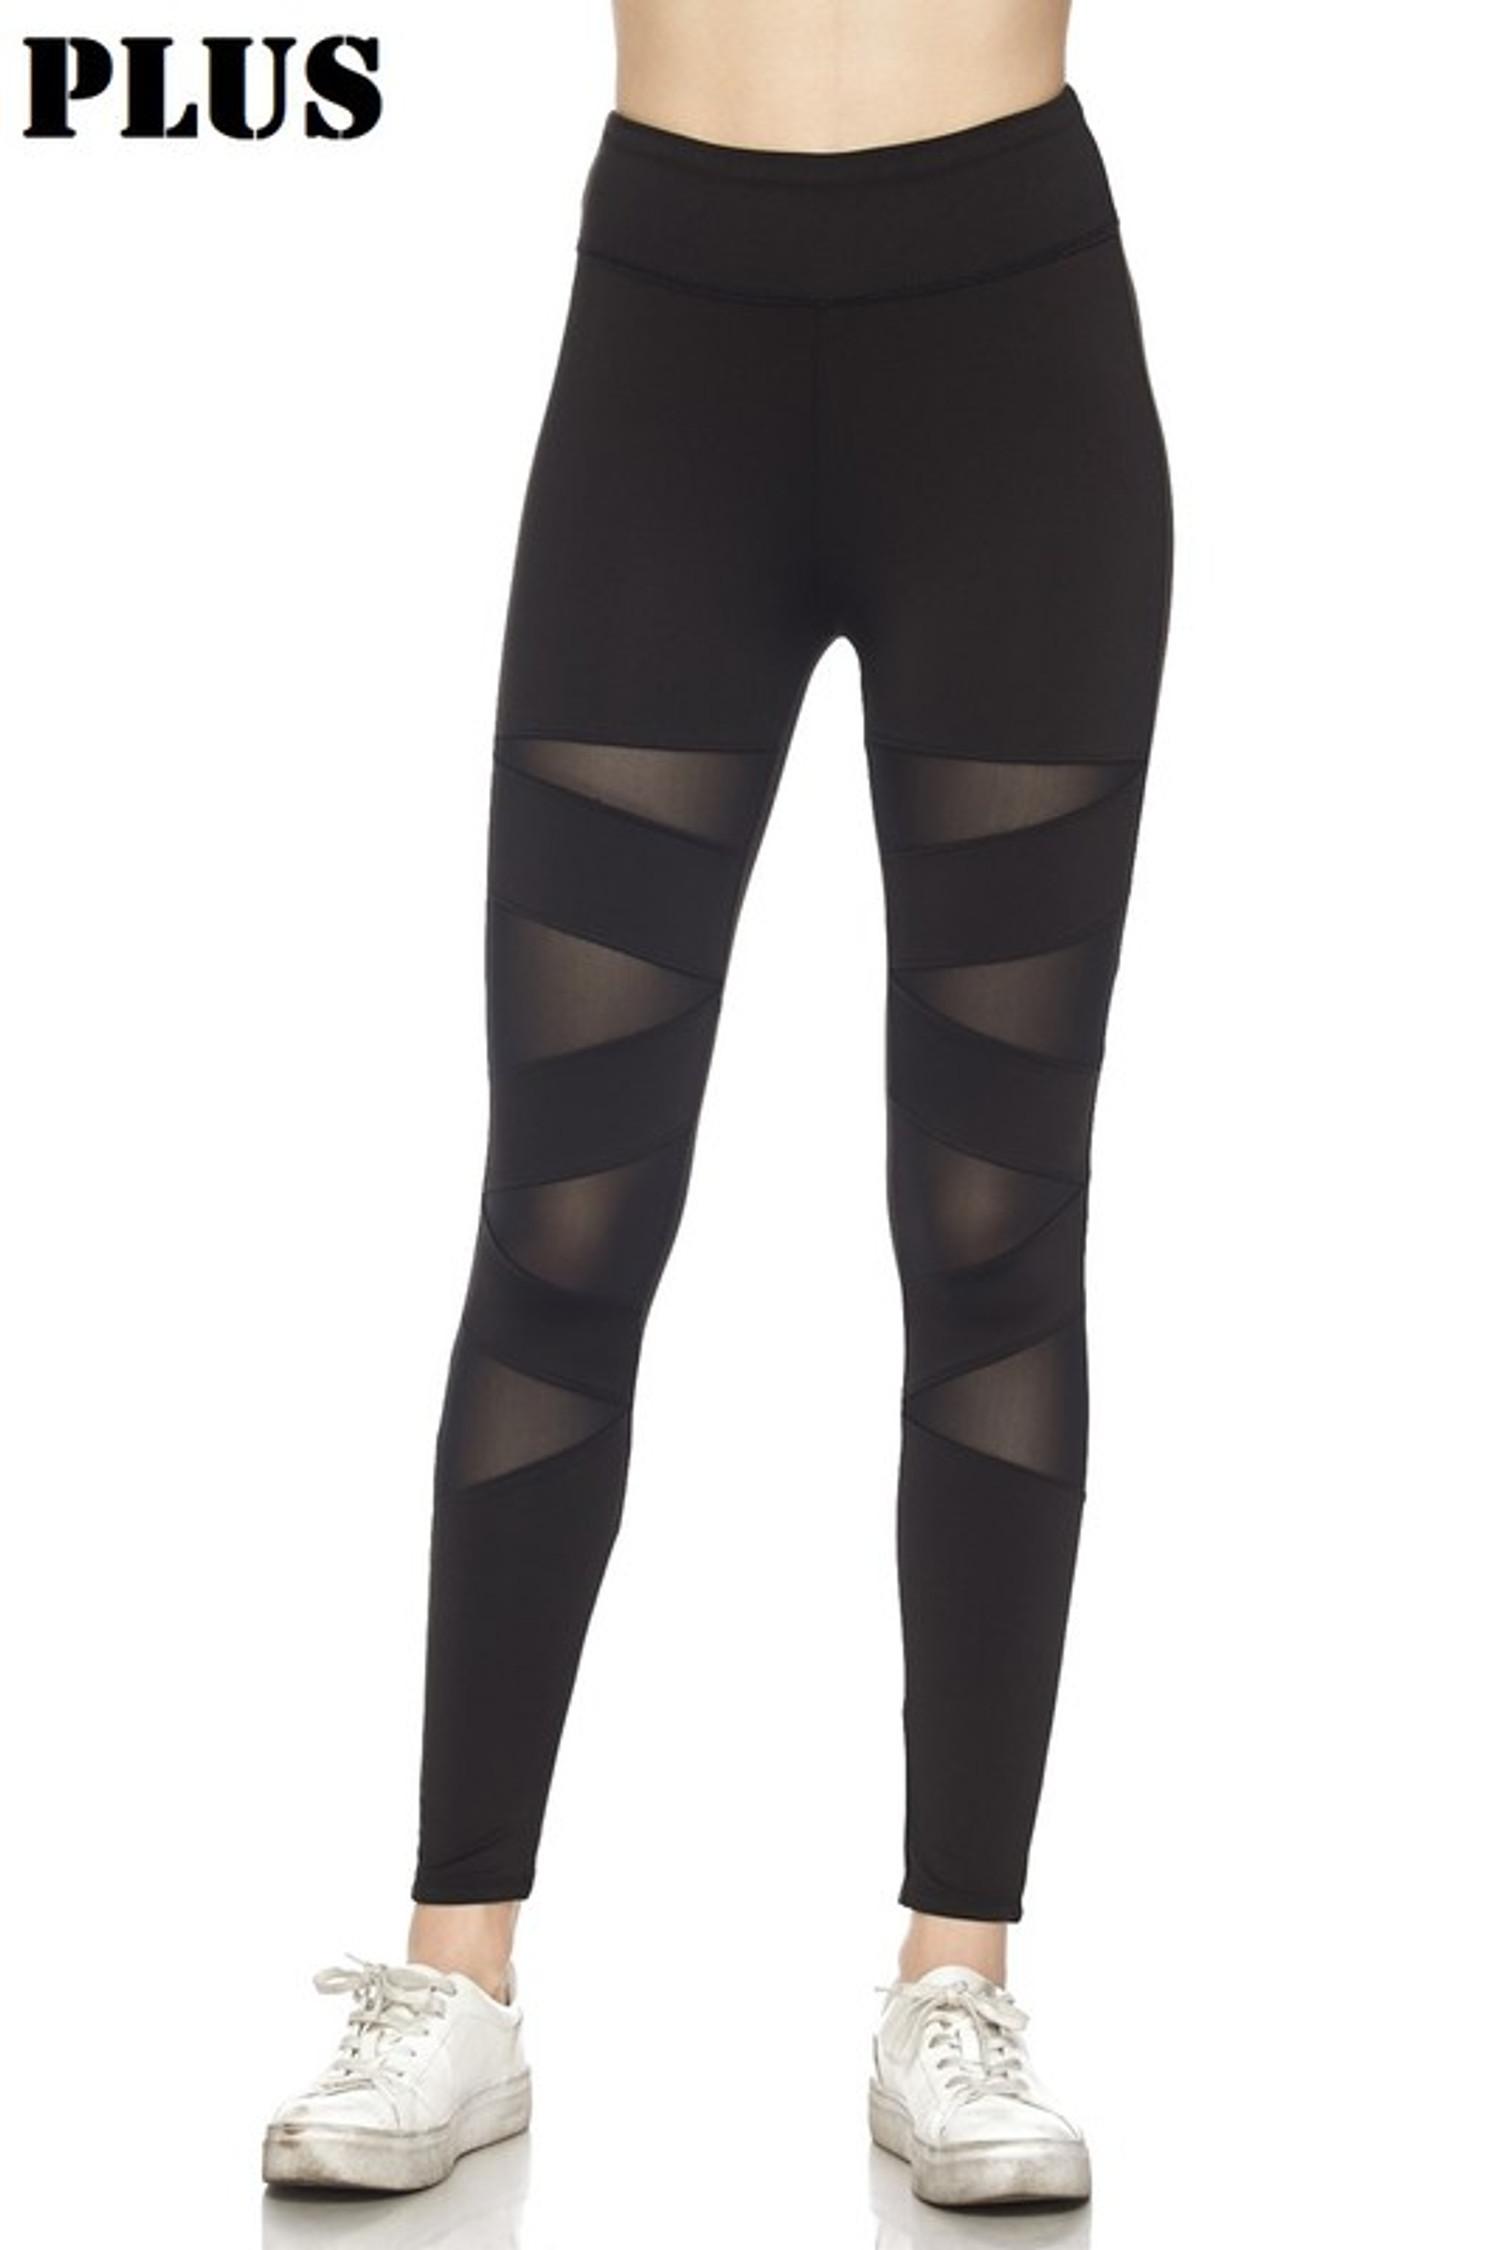 Front of Black Cruiser CrissCross Plus Size Sport Leggings